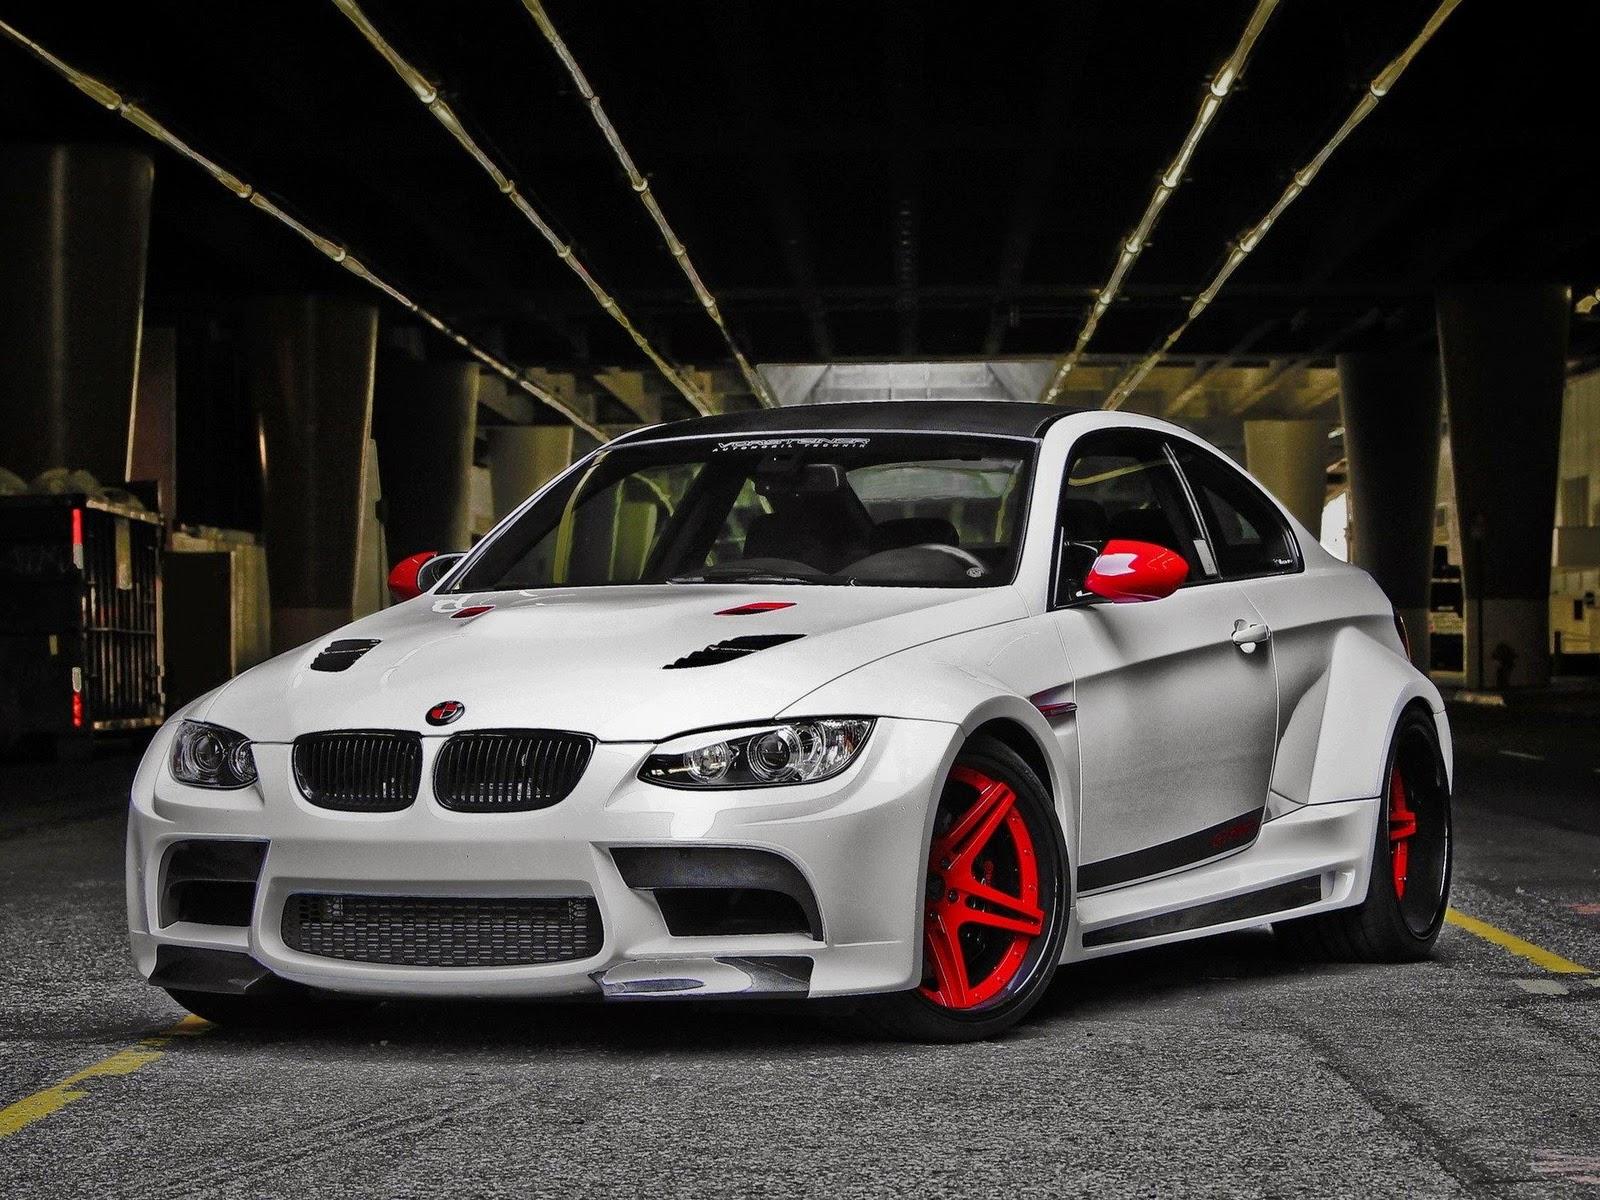 Gambar Modifikasi Mobil BMW White